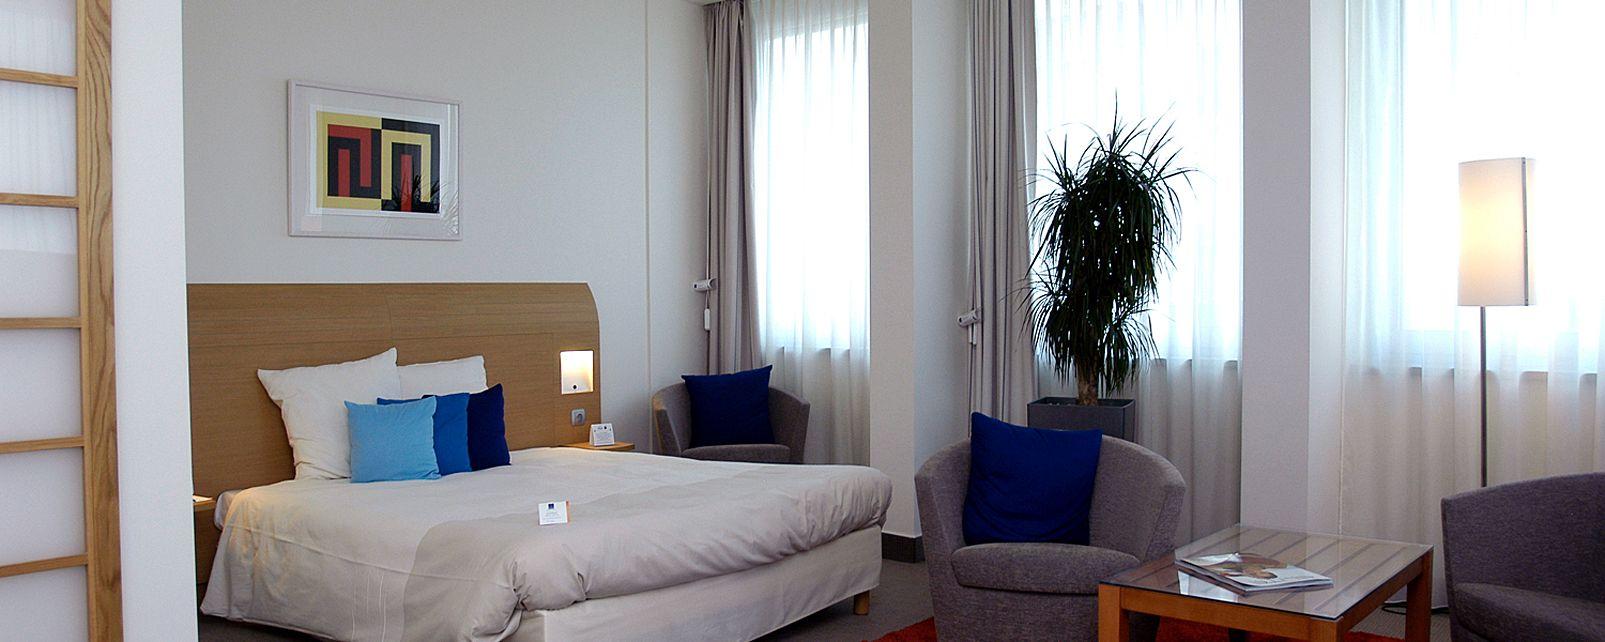 Hôtel Novotel Danube